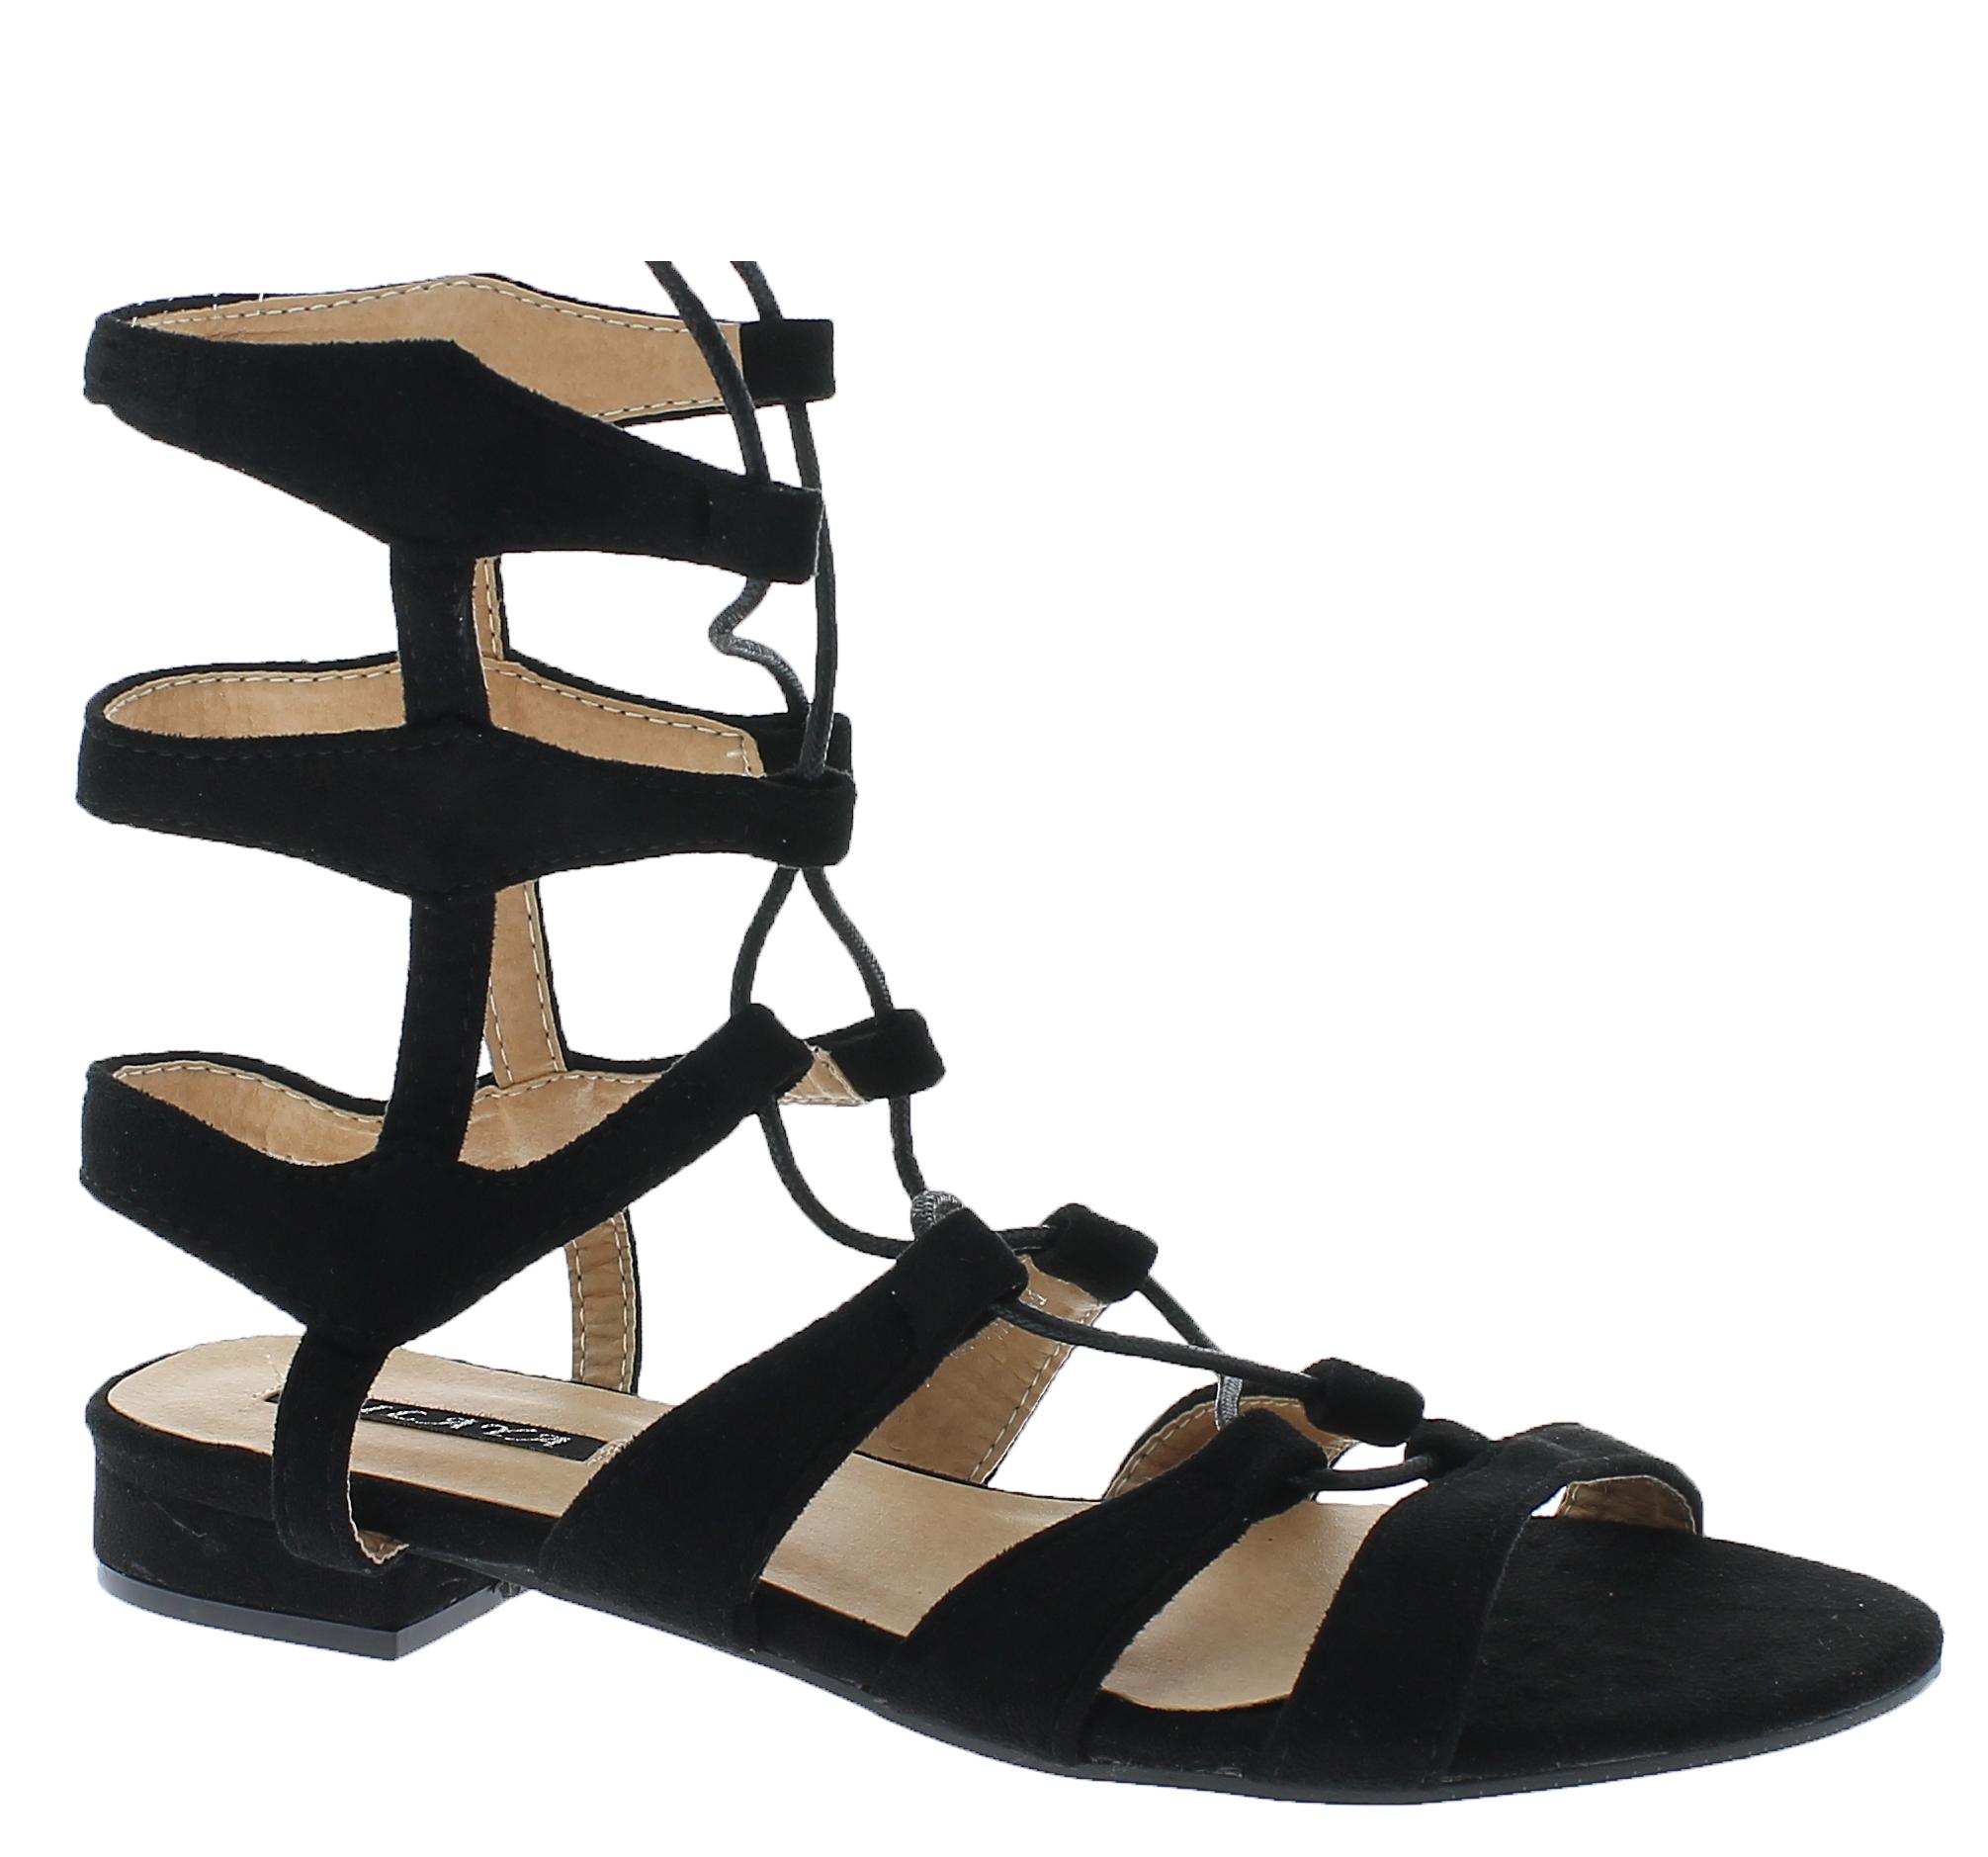 Γυναικεία Σανδάλια FH2H0041 Μαύρο - IqShoes - 18.2H004 BLACK-37/1/15/27 παπούτσια  γυναικεία σανδάλια   πέδιλα